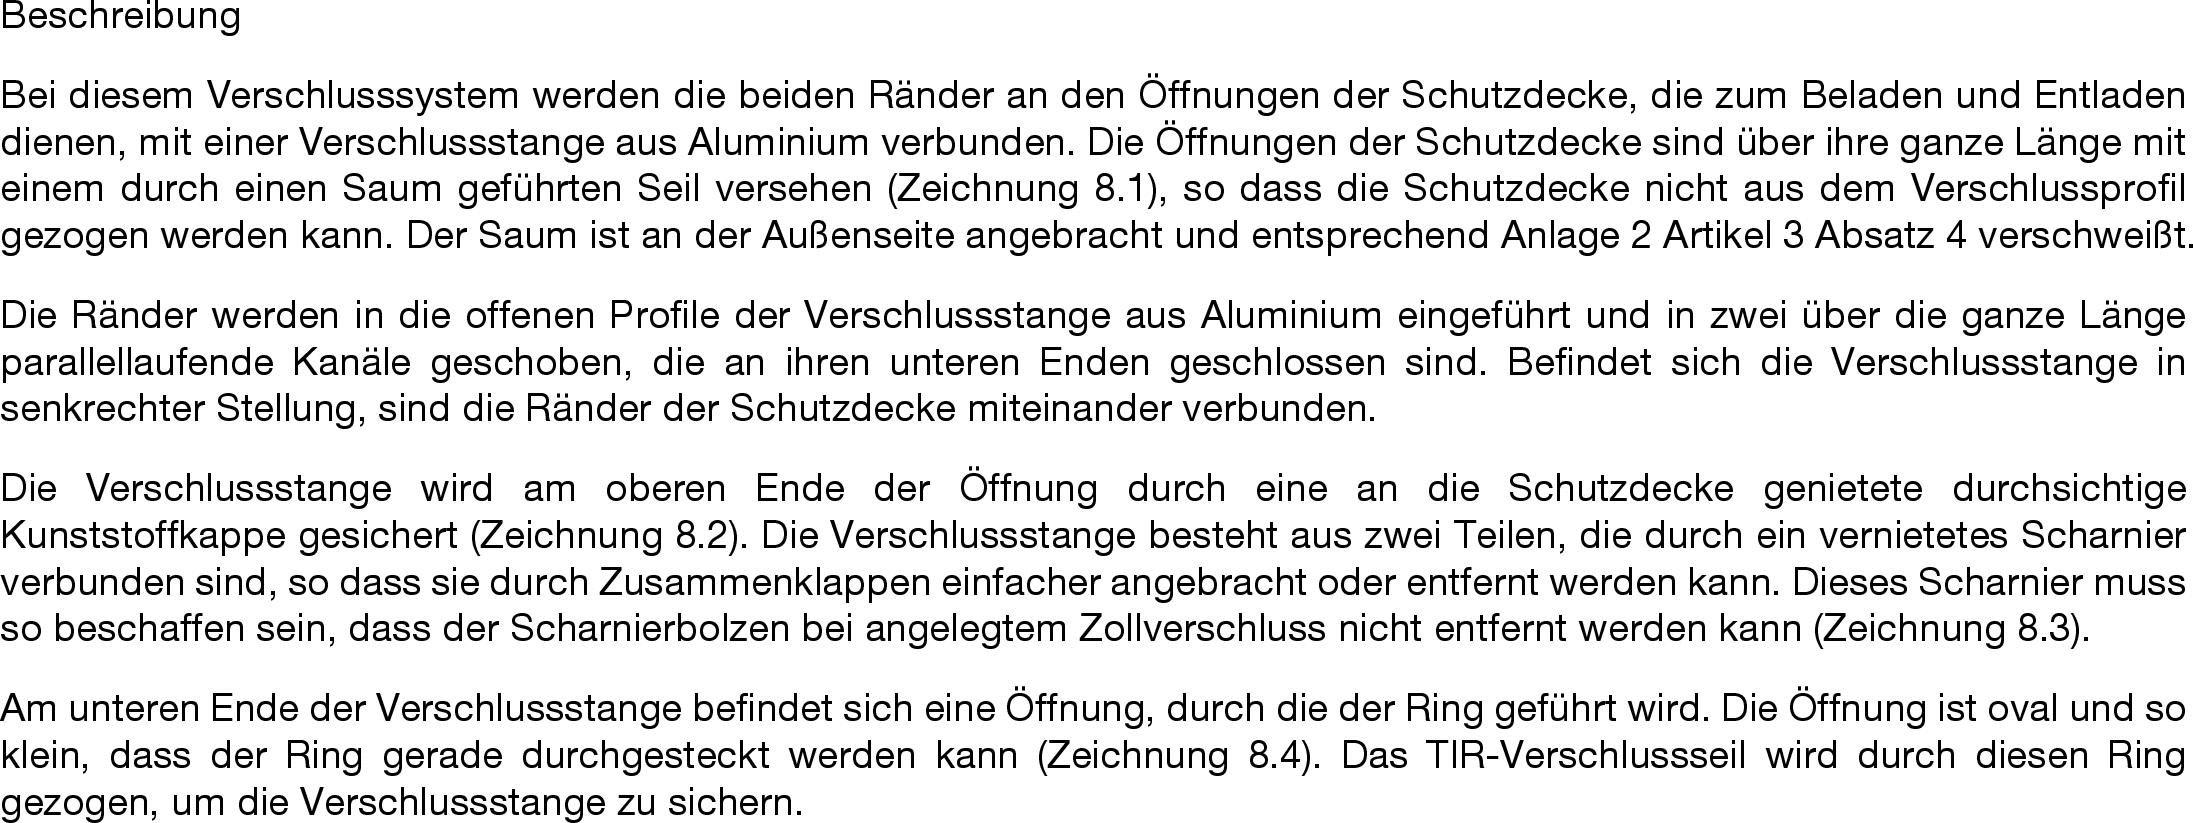 EUR-Lex - 02009D0477-20170101 - EN - EUR-Lex